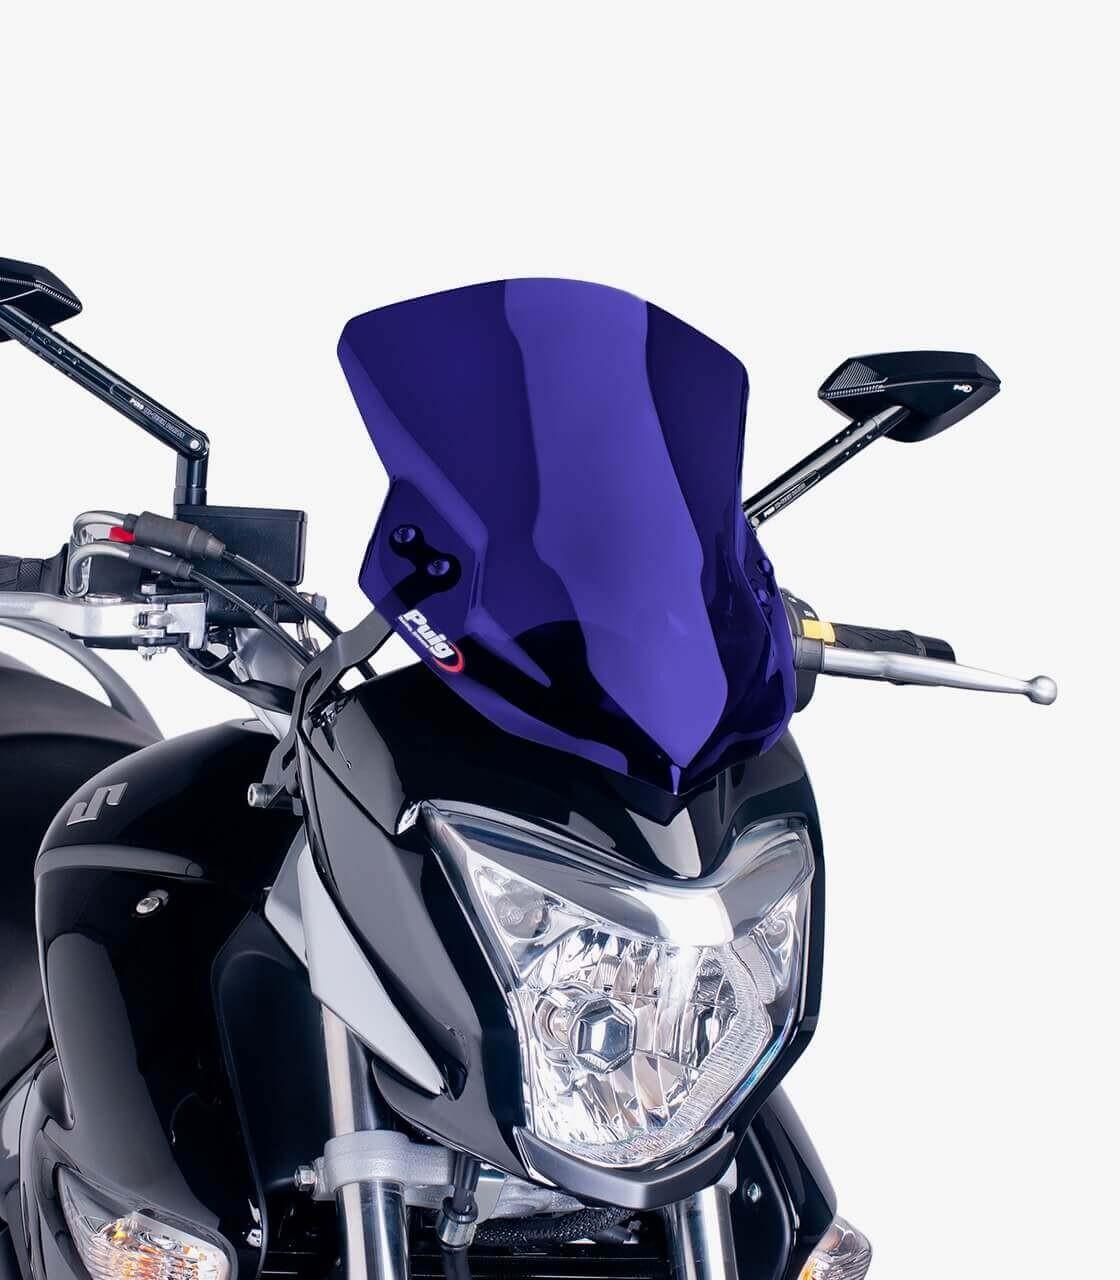 Suzuki GSZ-S1000 Puig Naked New Generation Sport Dark